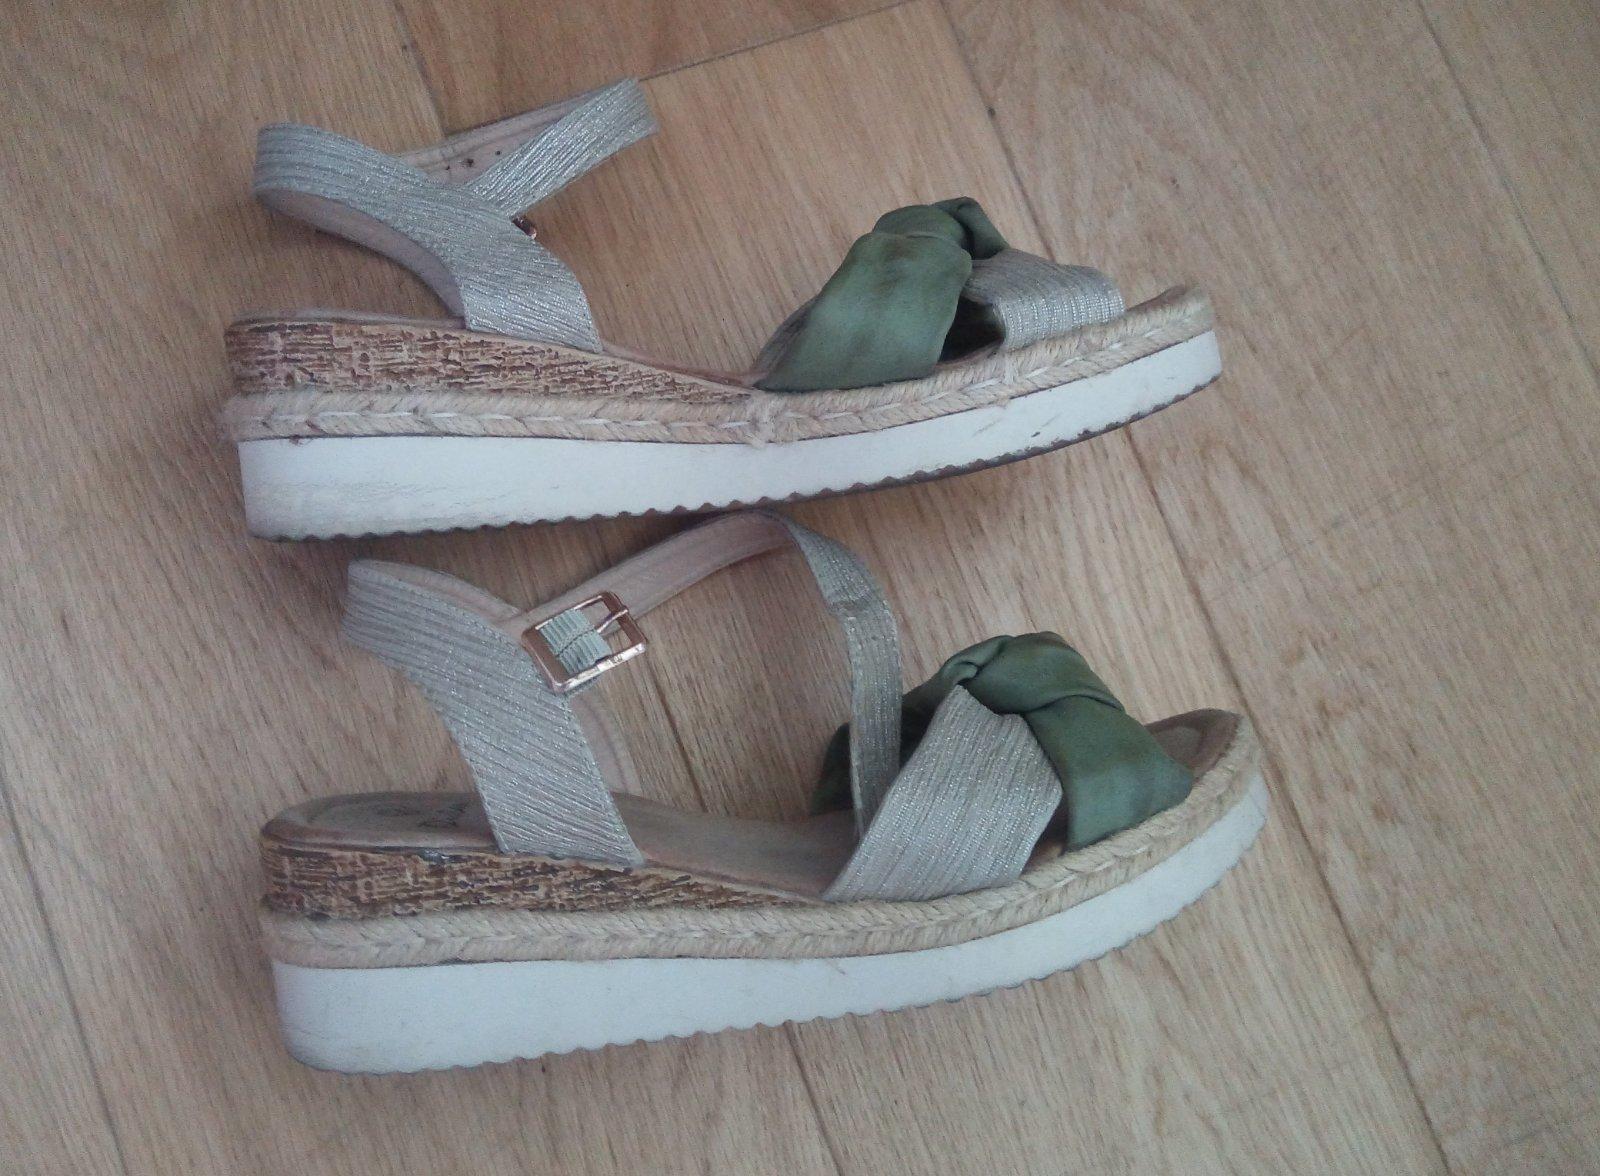 Zeleno - krémové sandálky 38 - Obrázok č. 3